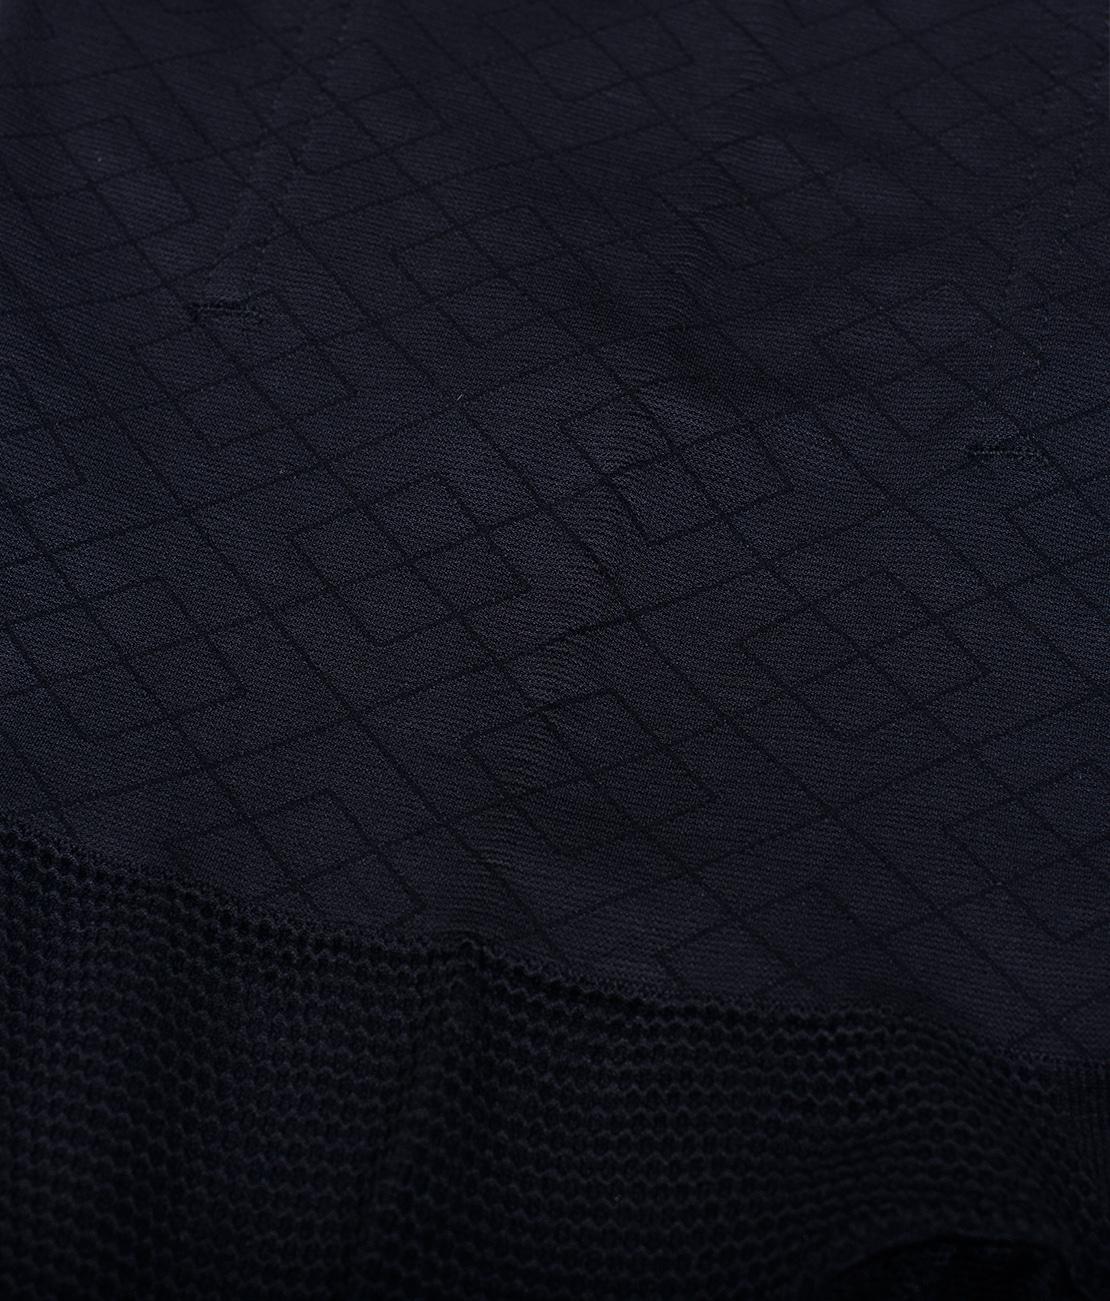 Culotte Taille Haute Dentelle Noire Packshot Detail 1